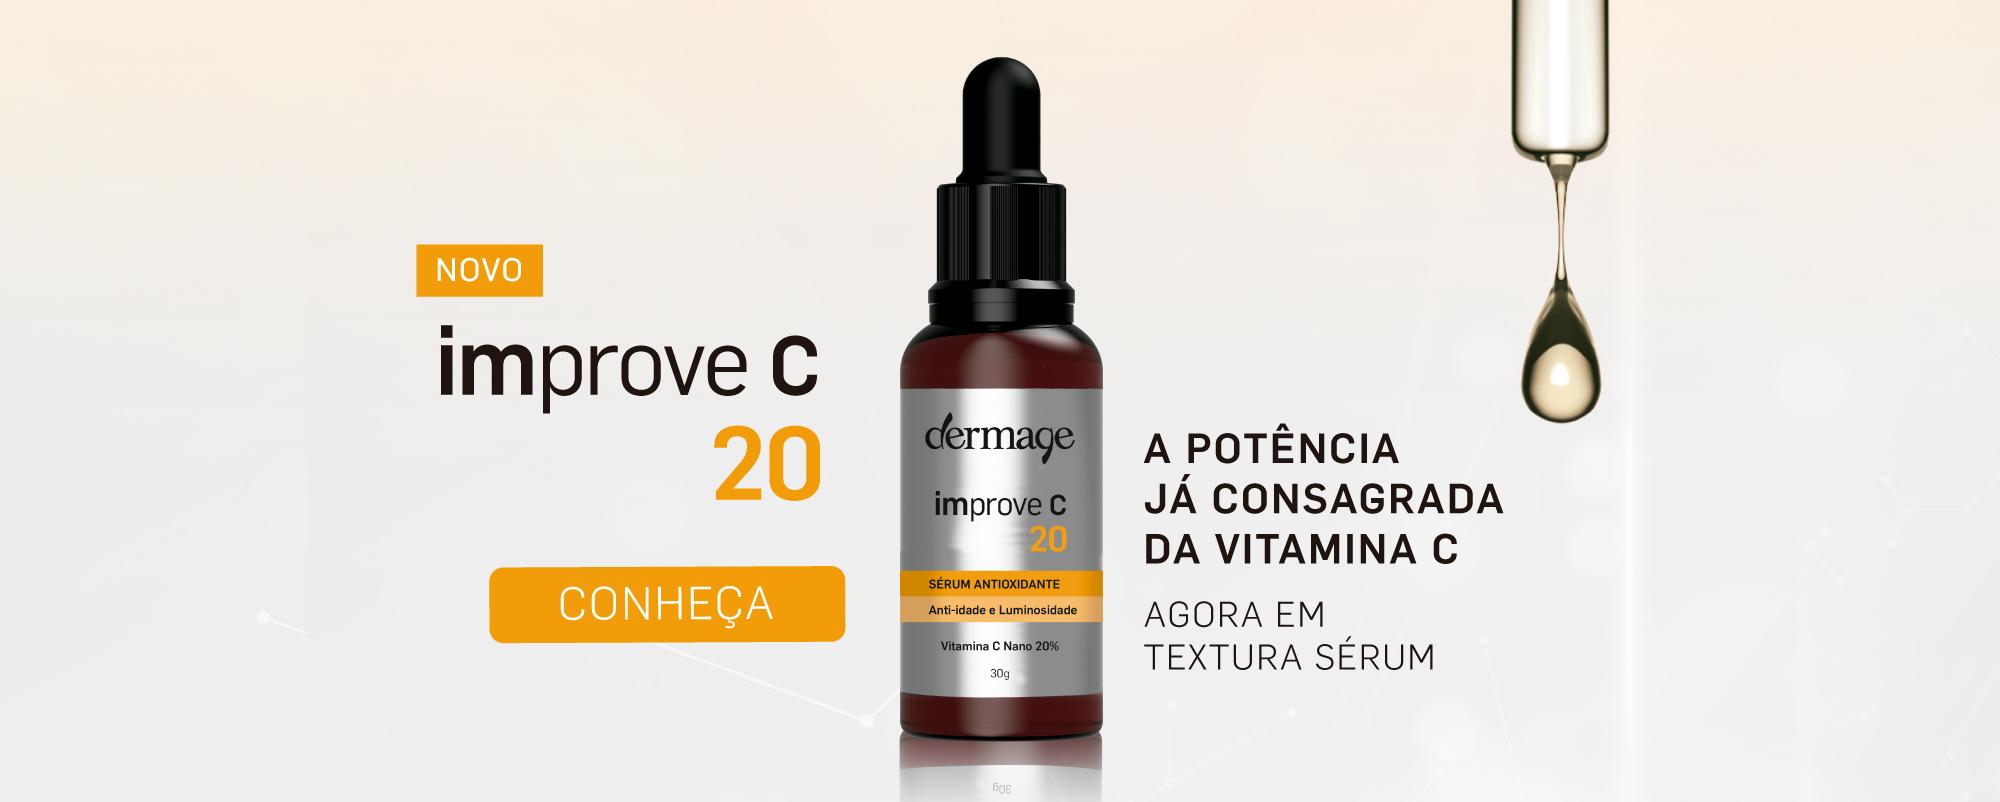 Improve c20 sérum